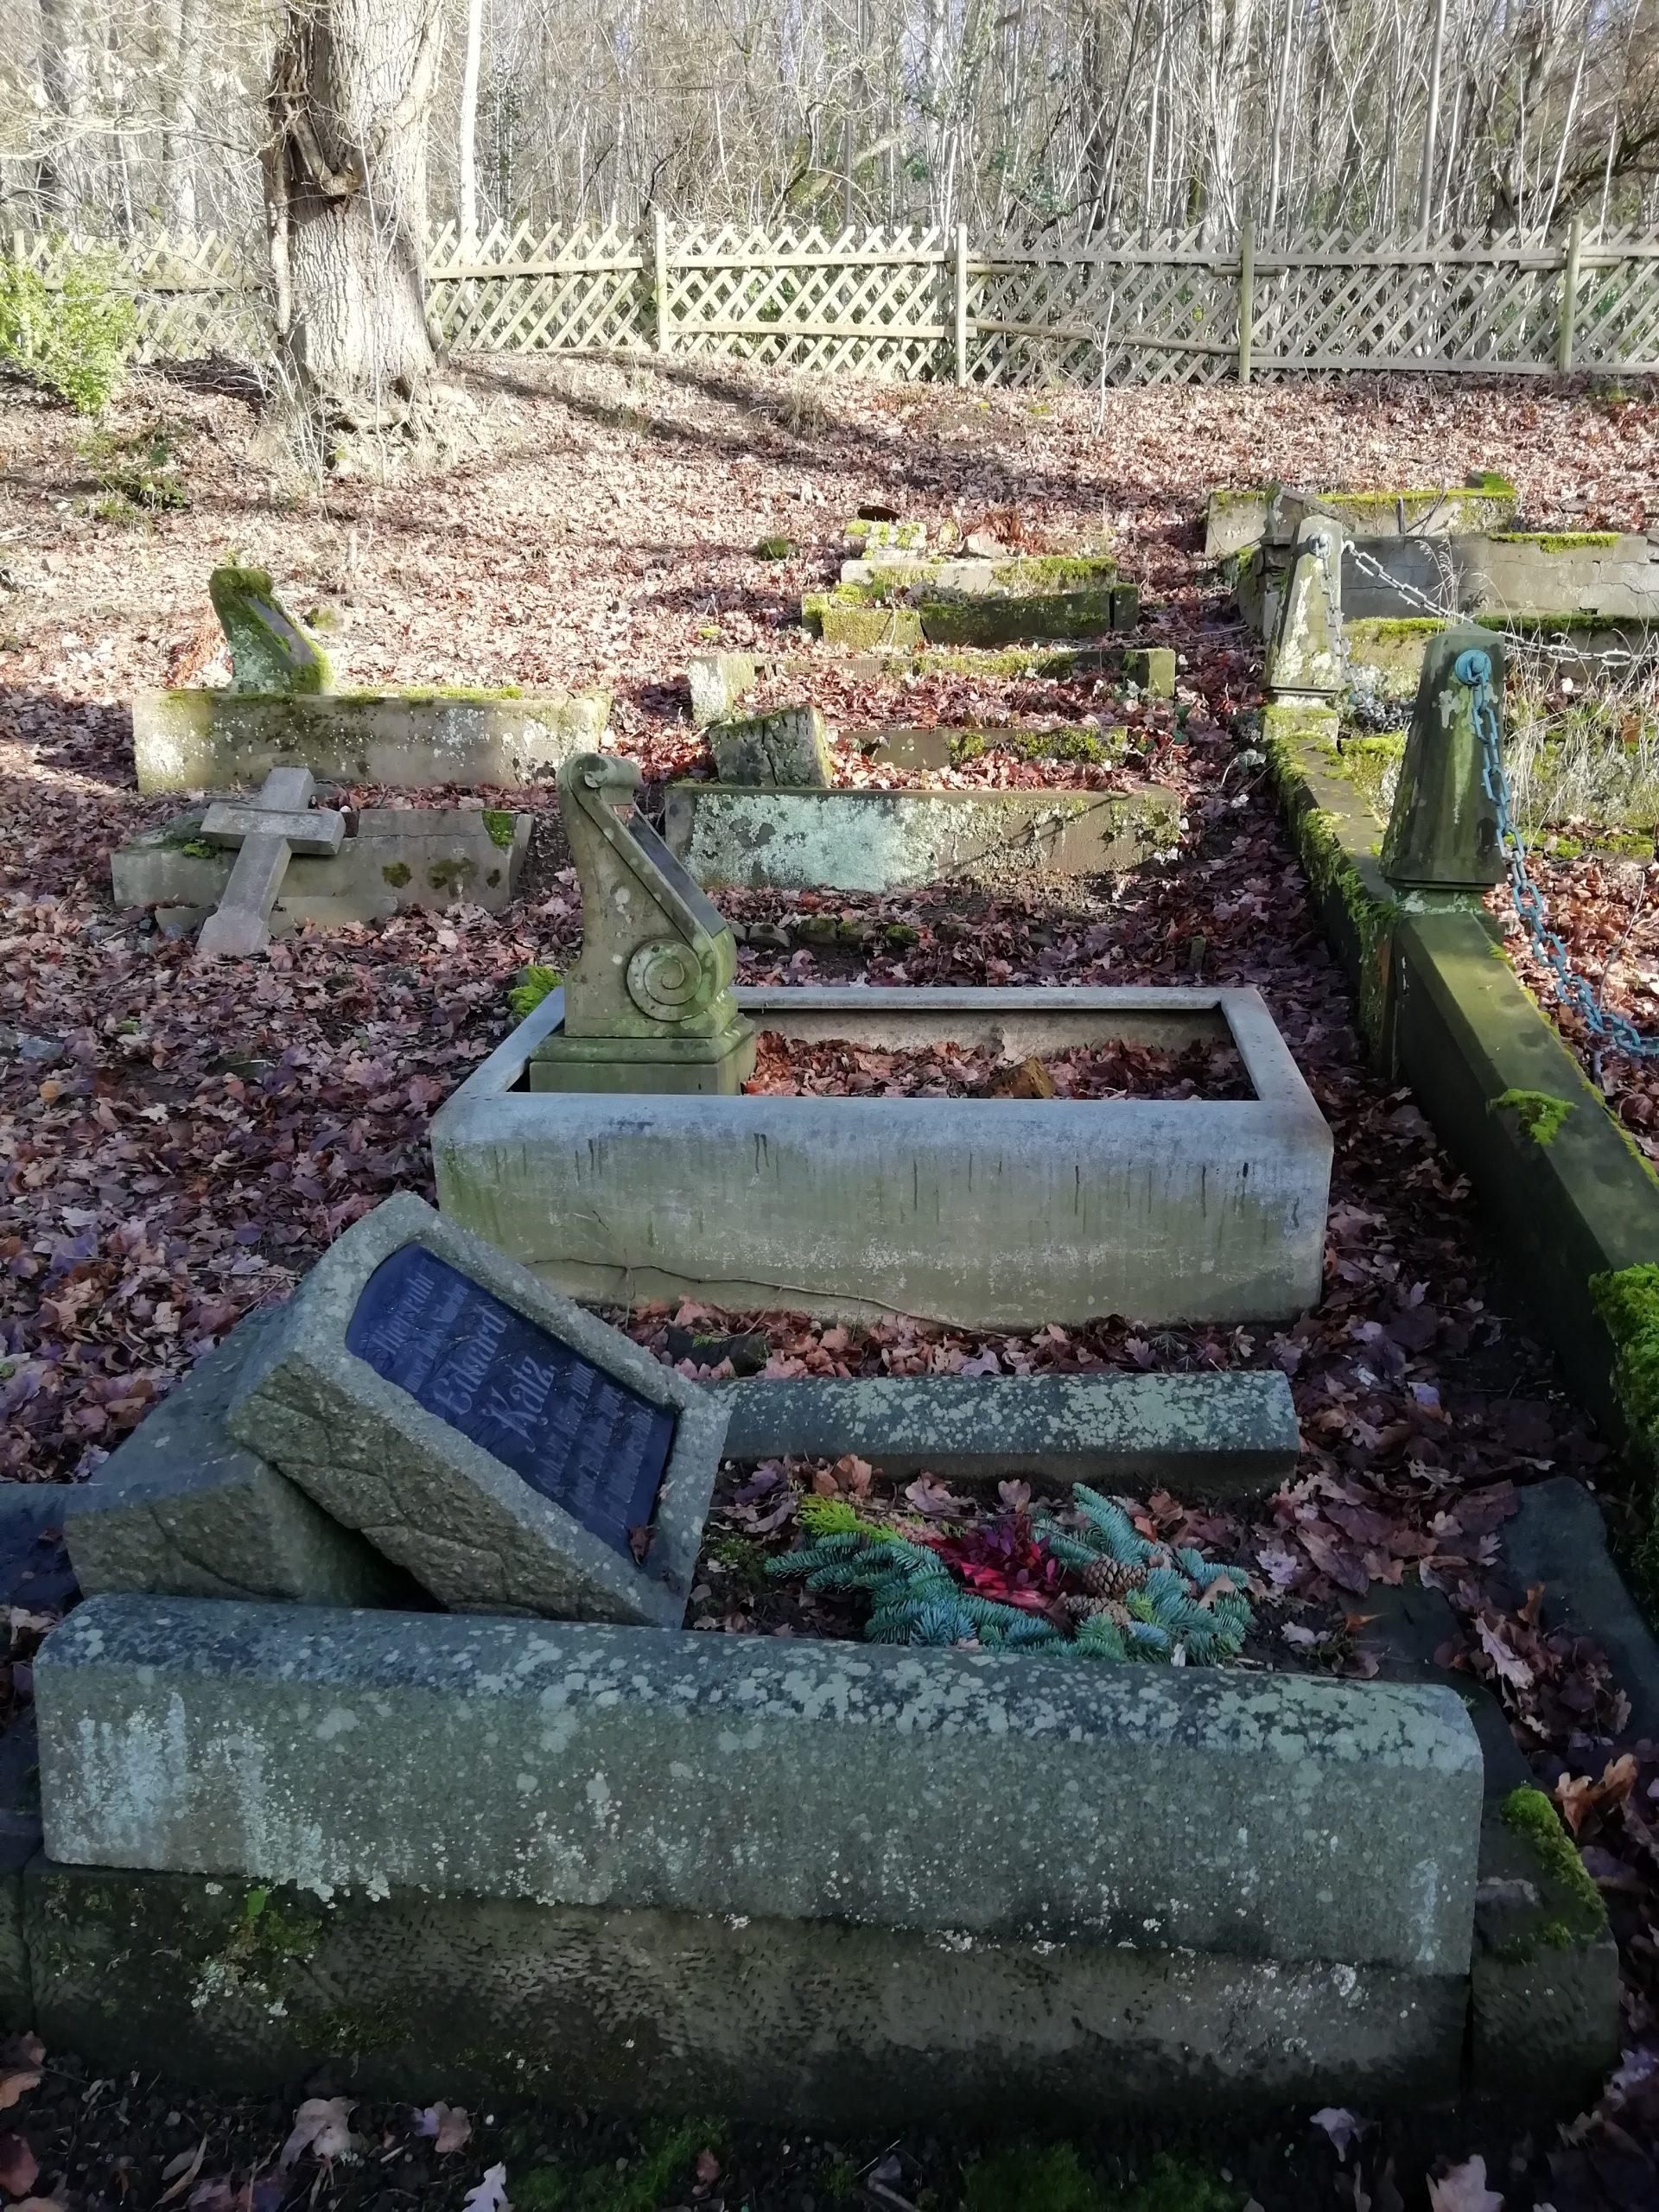 Alte Kindergräber mit Herbstschmuck. Historischer Friedhof am Wellersberg in Siegen.